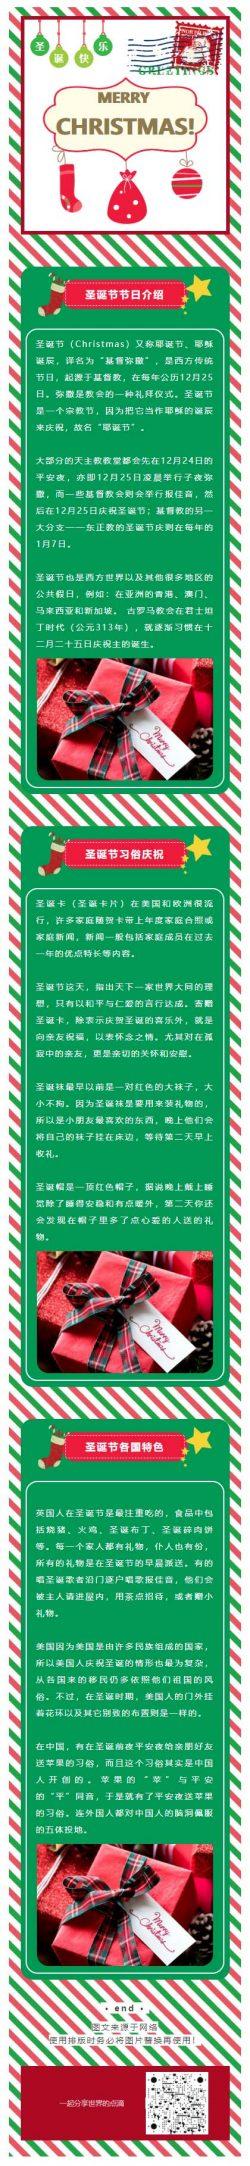 圣诞节习俗庆祝节日素材模板